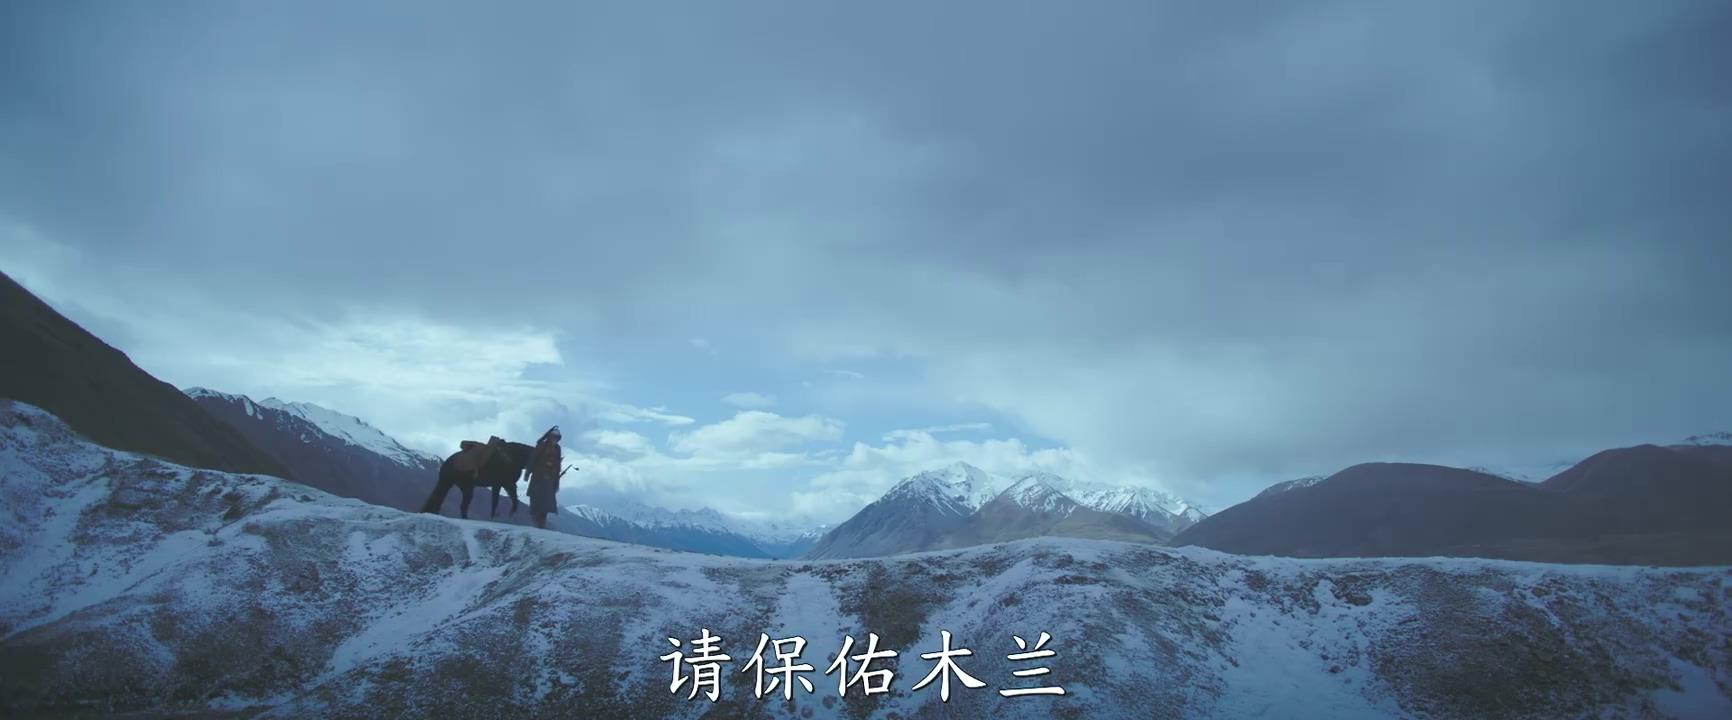 《花木兰》全新中文版预告 巩俐女巫造型首曝光